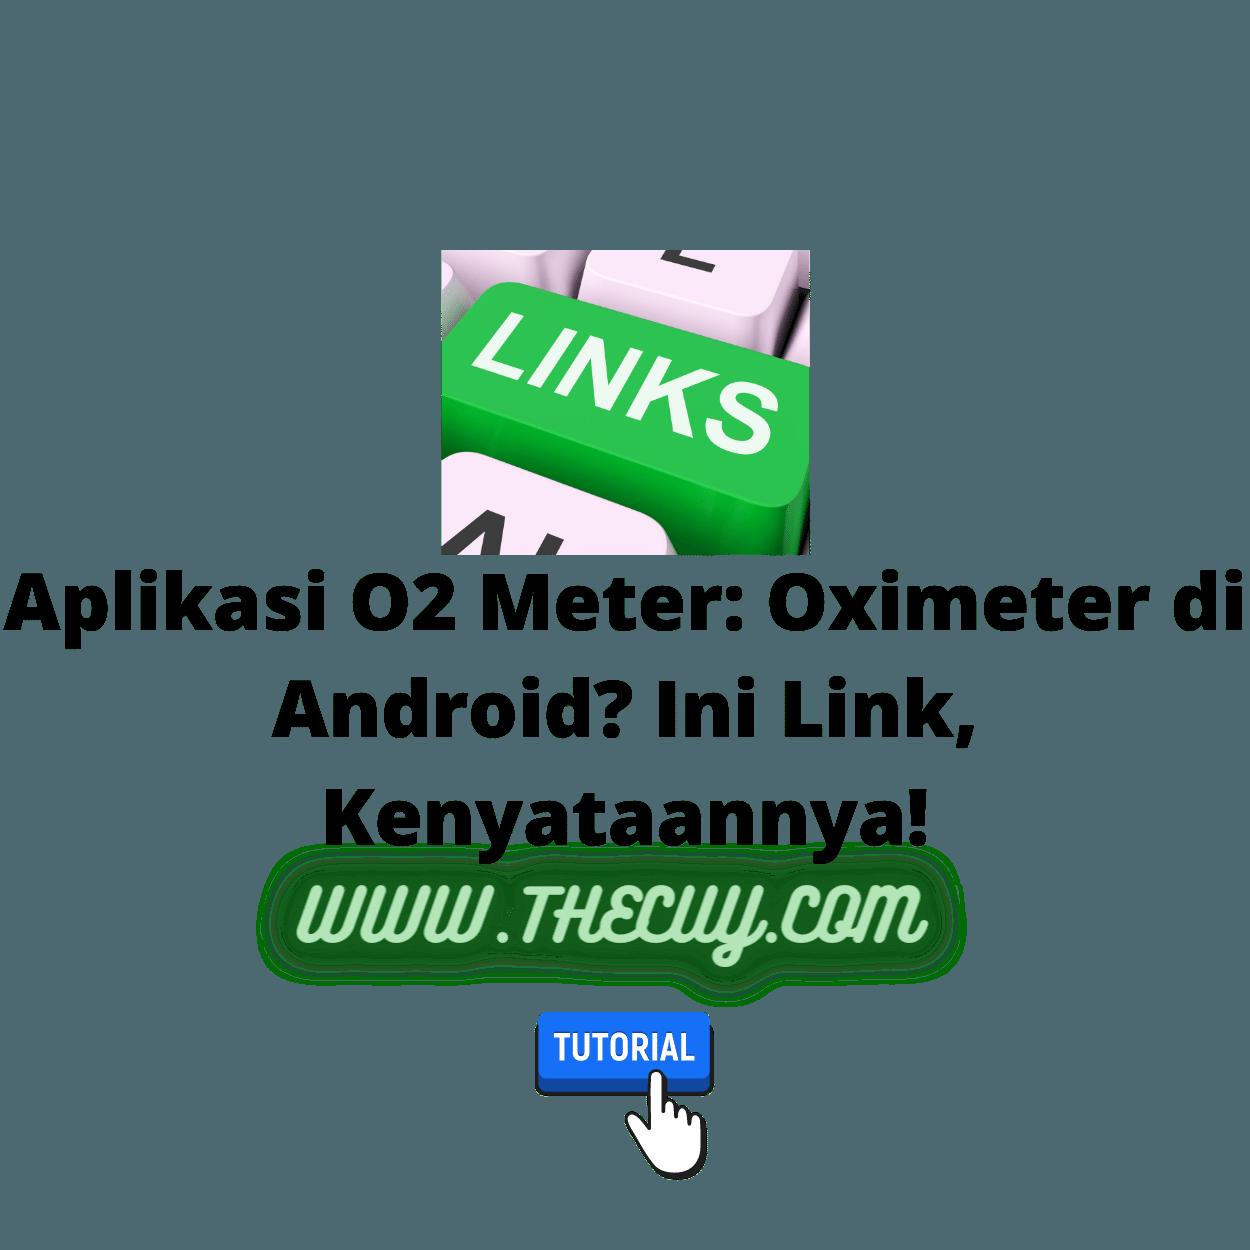 Aplikasi O2 Meter: Oximeter di Android? Ini Link, Kenyataannya!